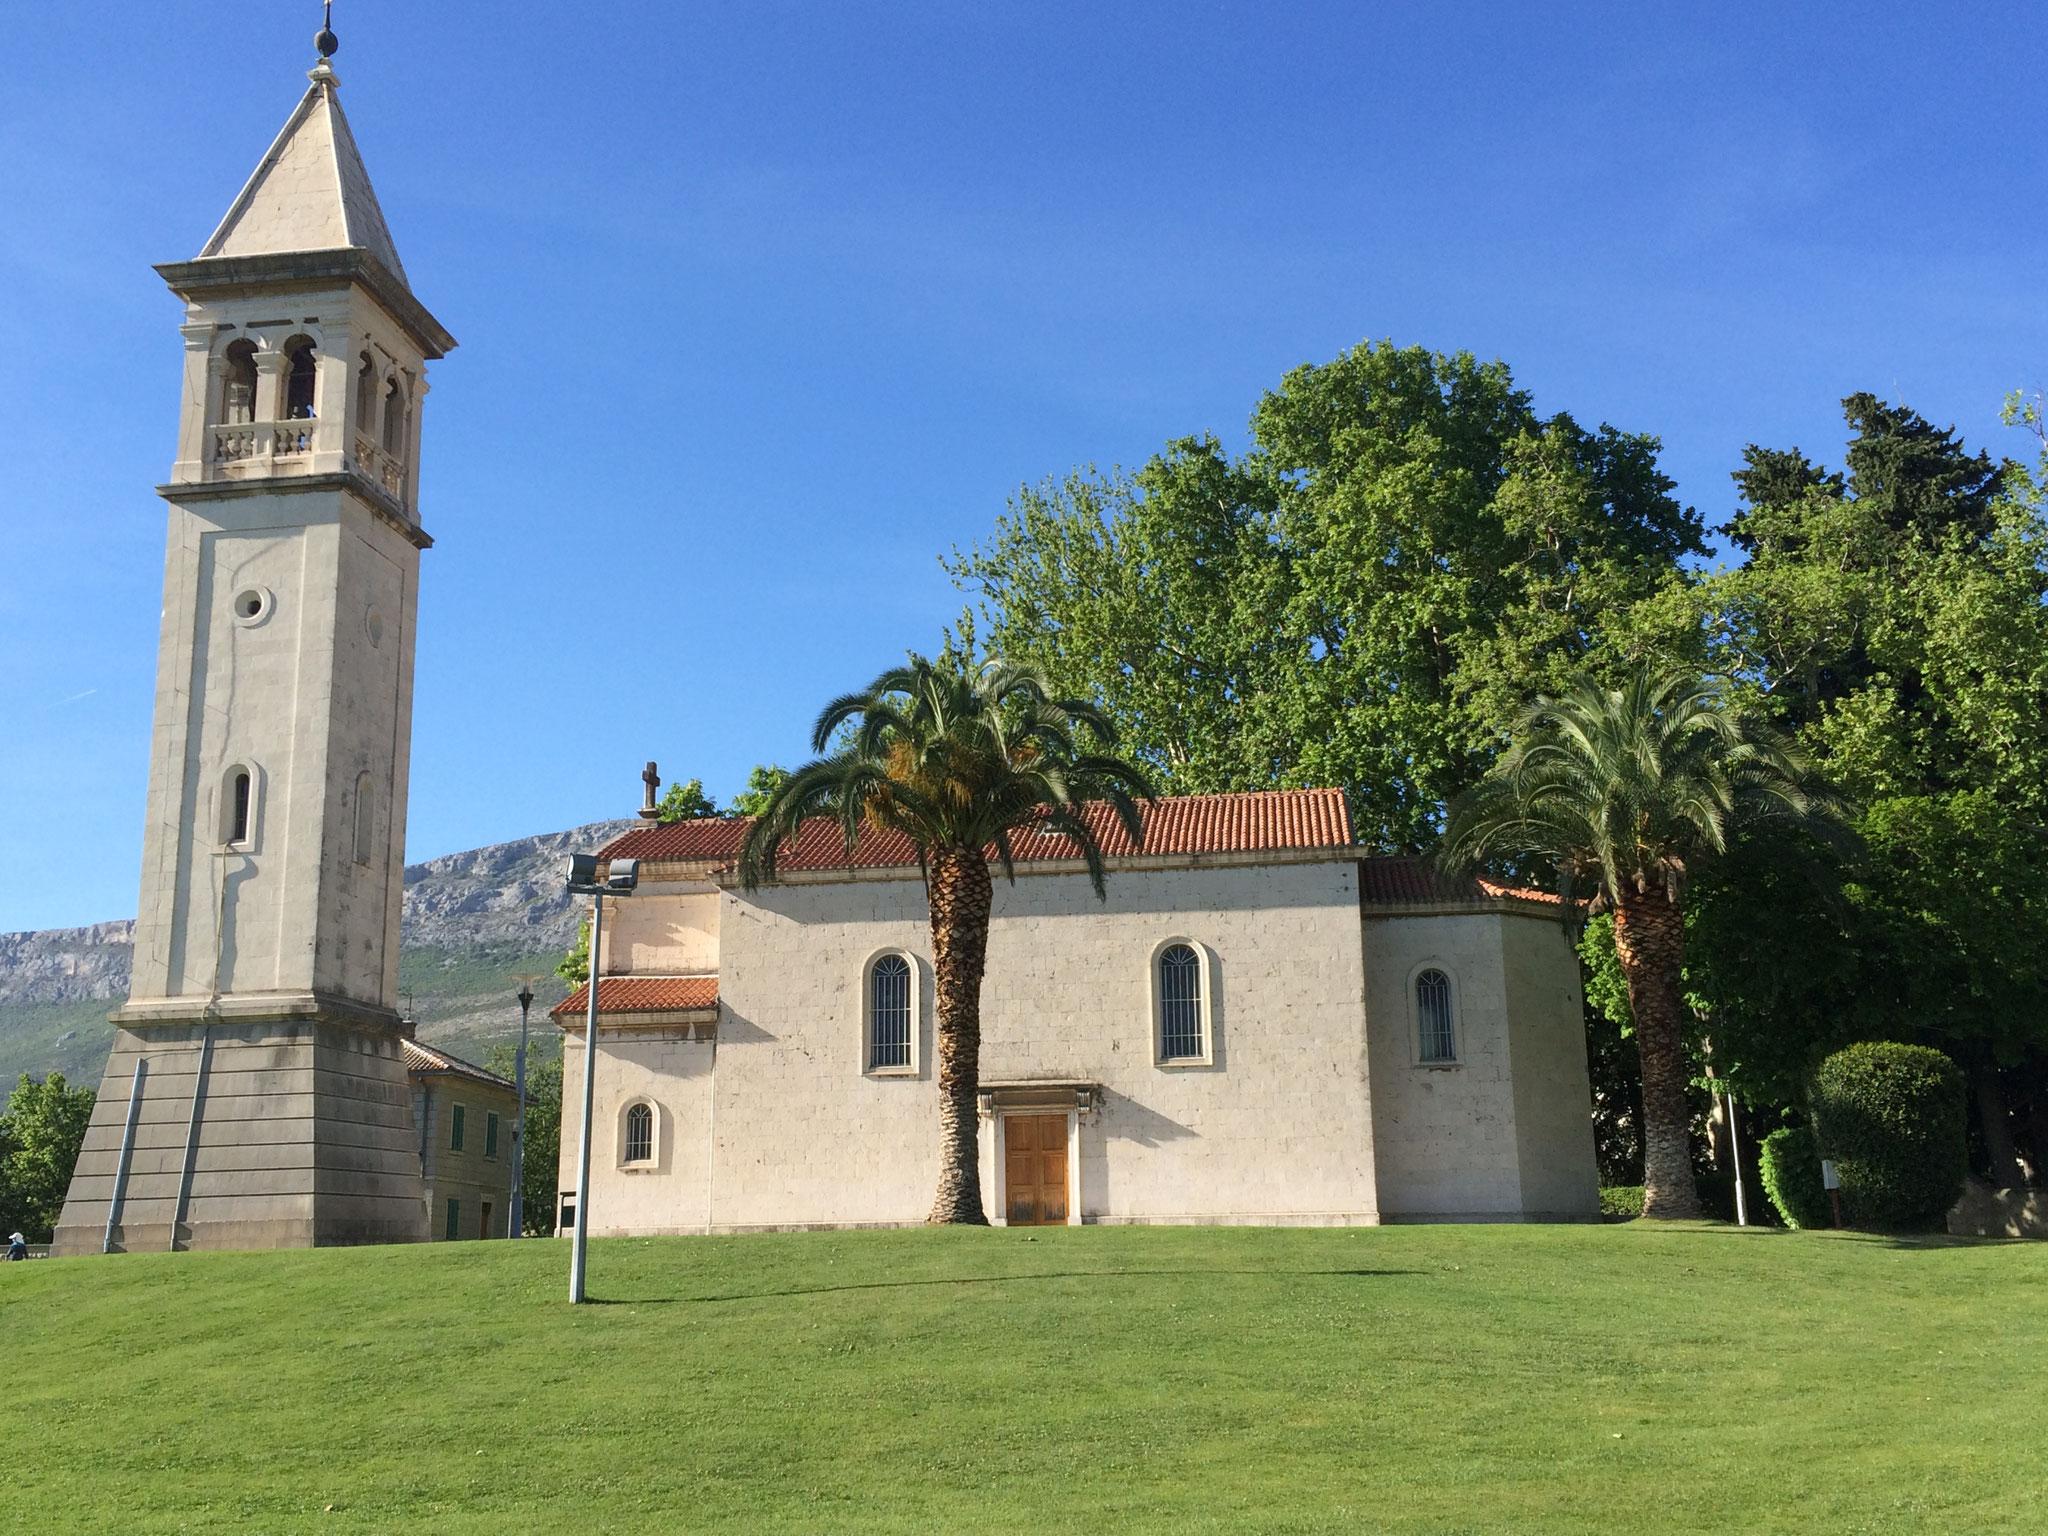 Schöne Kirche in Salone mit mächtigen Palmen.